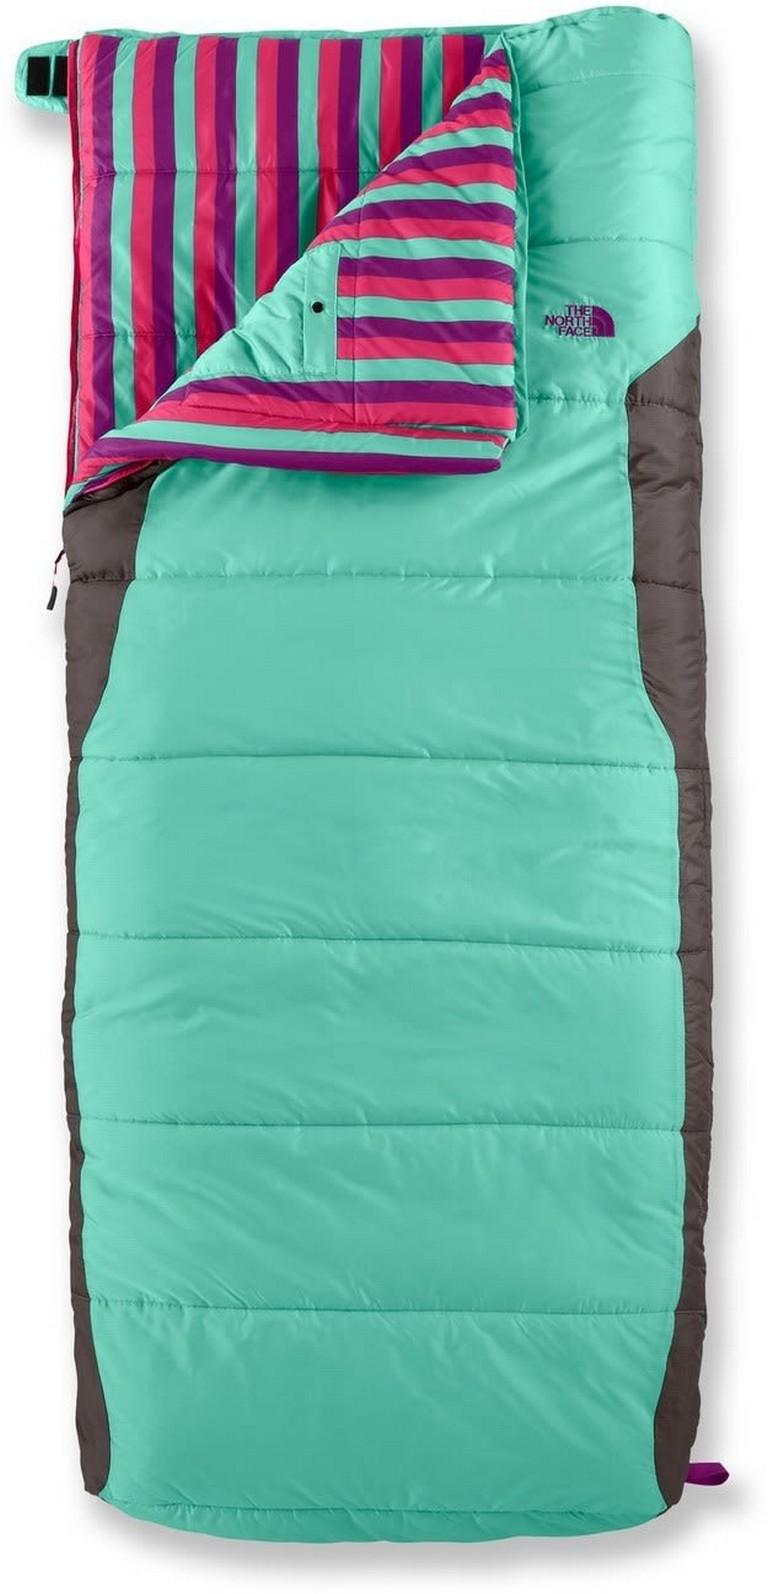 Sleeping Bags For Teenage Girl